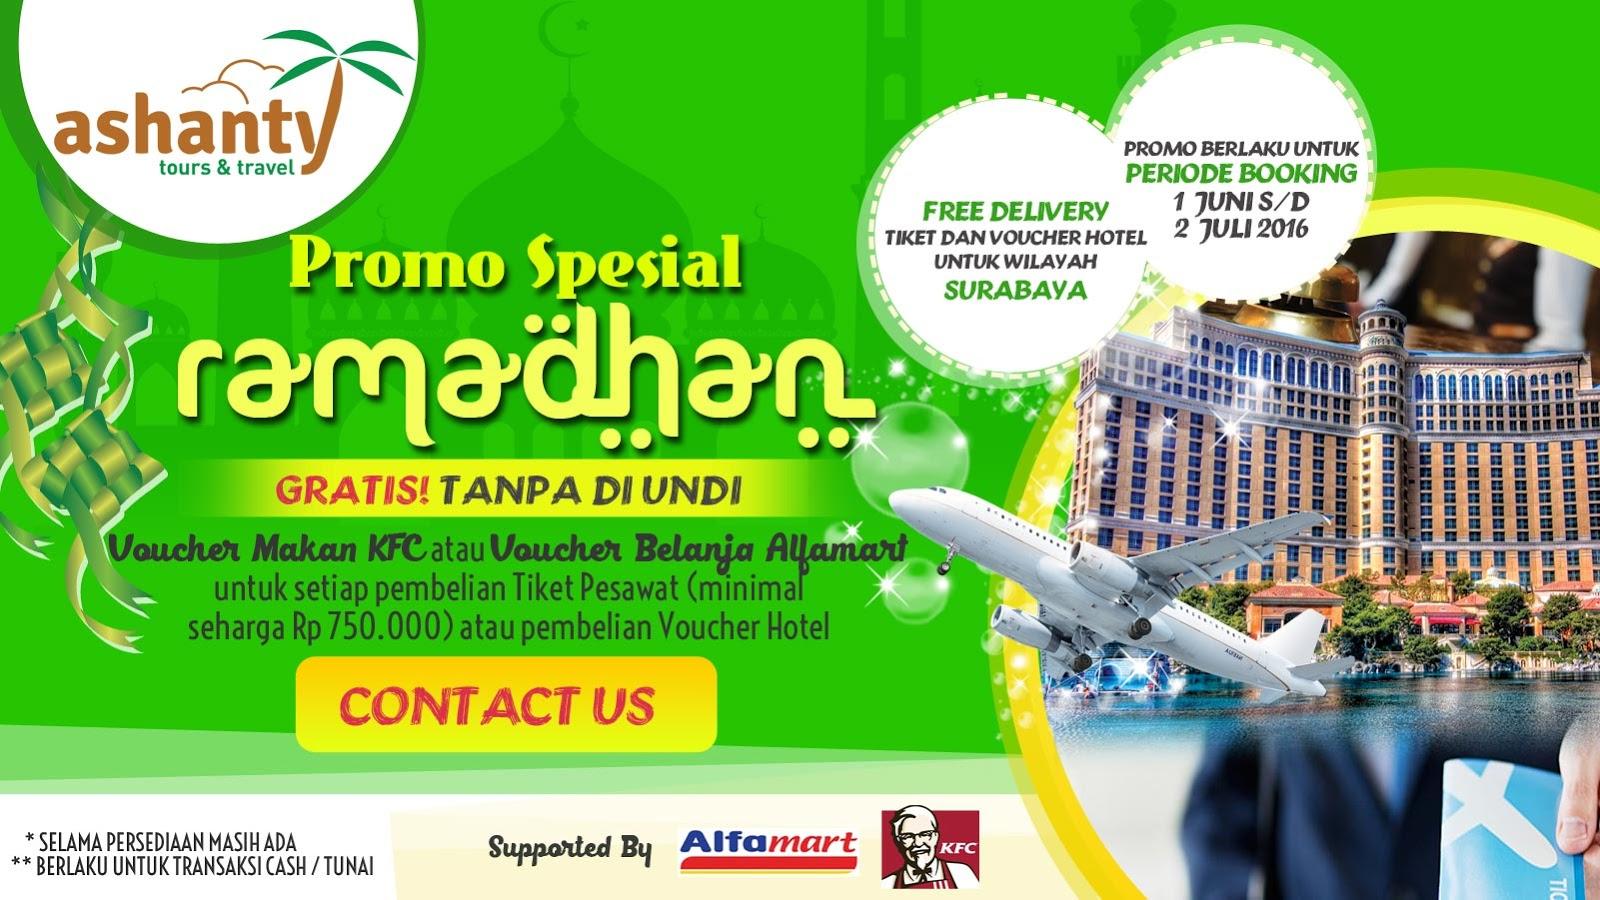 jual tiket pesawat online murah surabaya, jual voucher hotel di surabaya